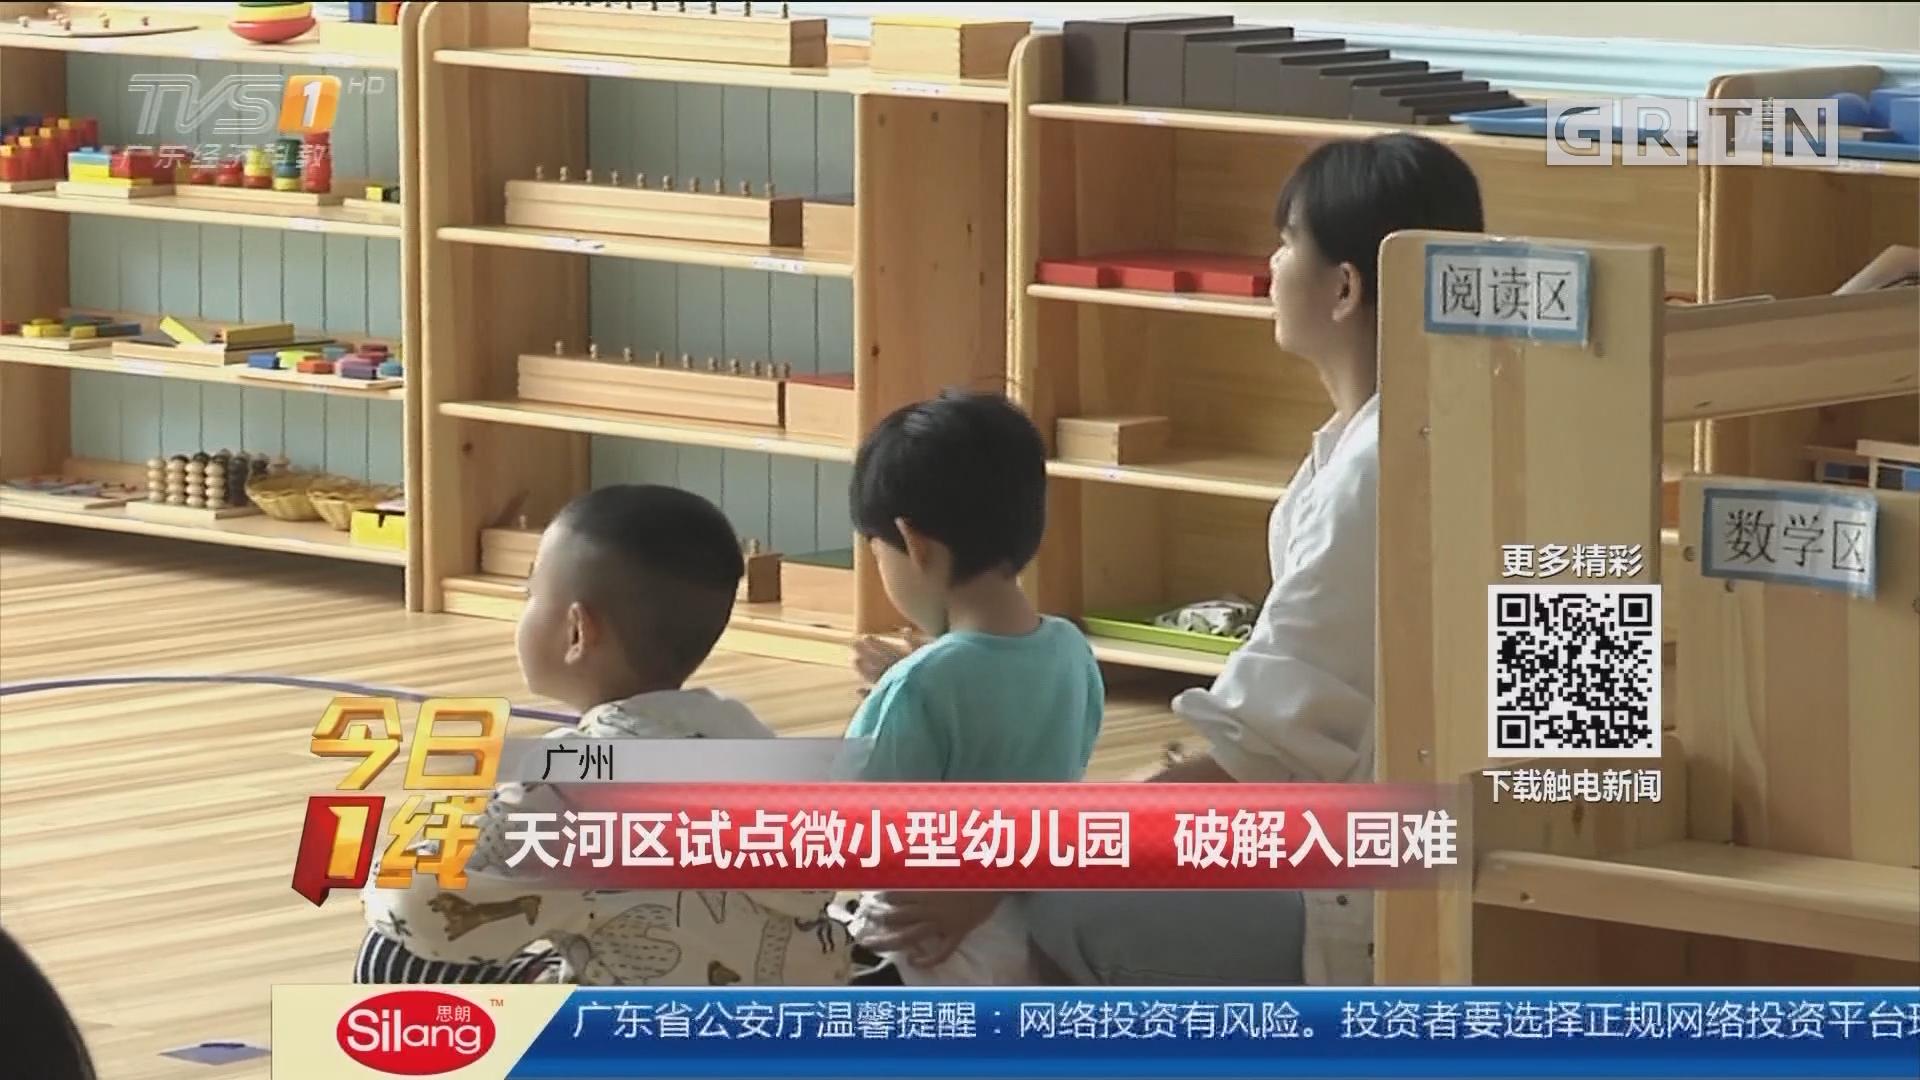 广州:天河区试点微小型幼儿园 破解入园难